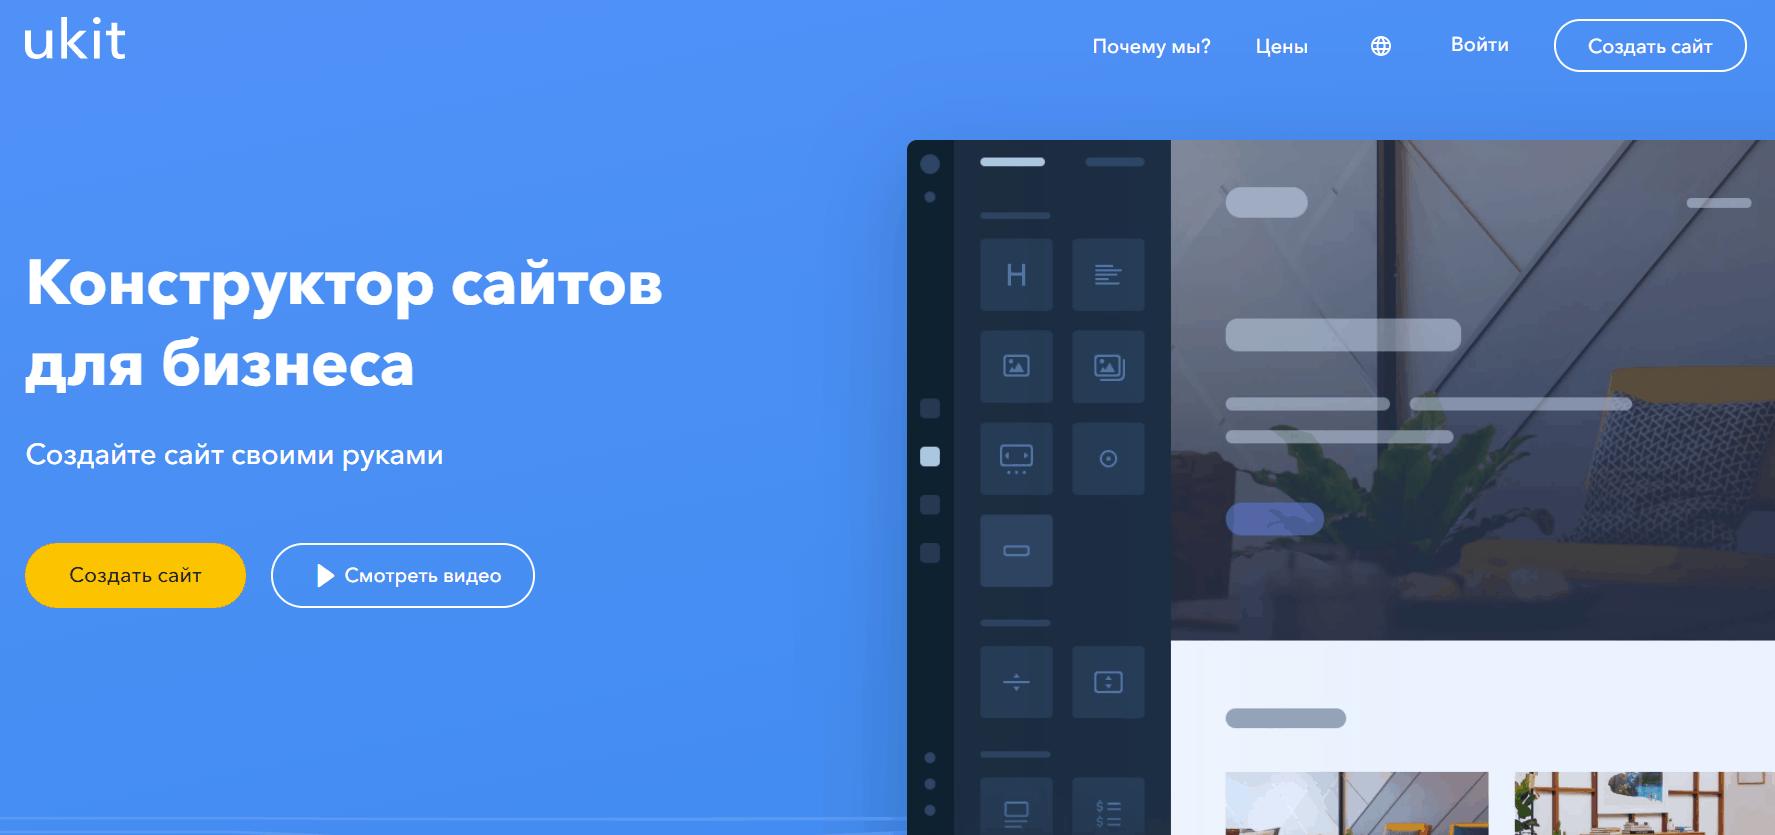 Сайты для бизнеса в uKit